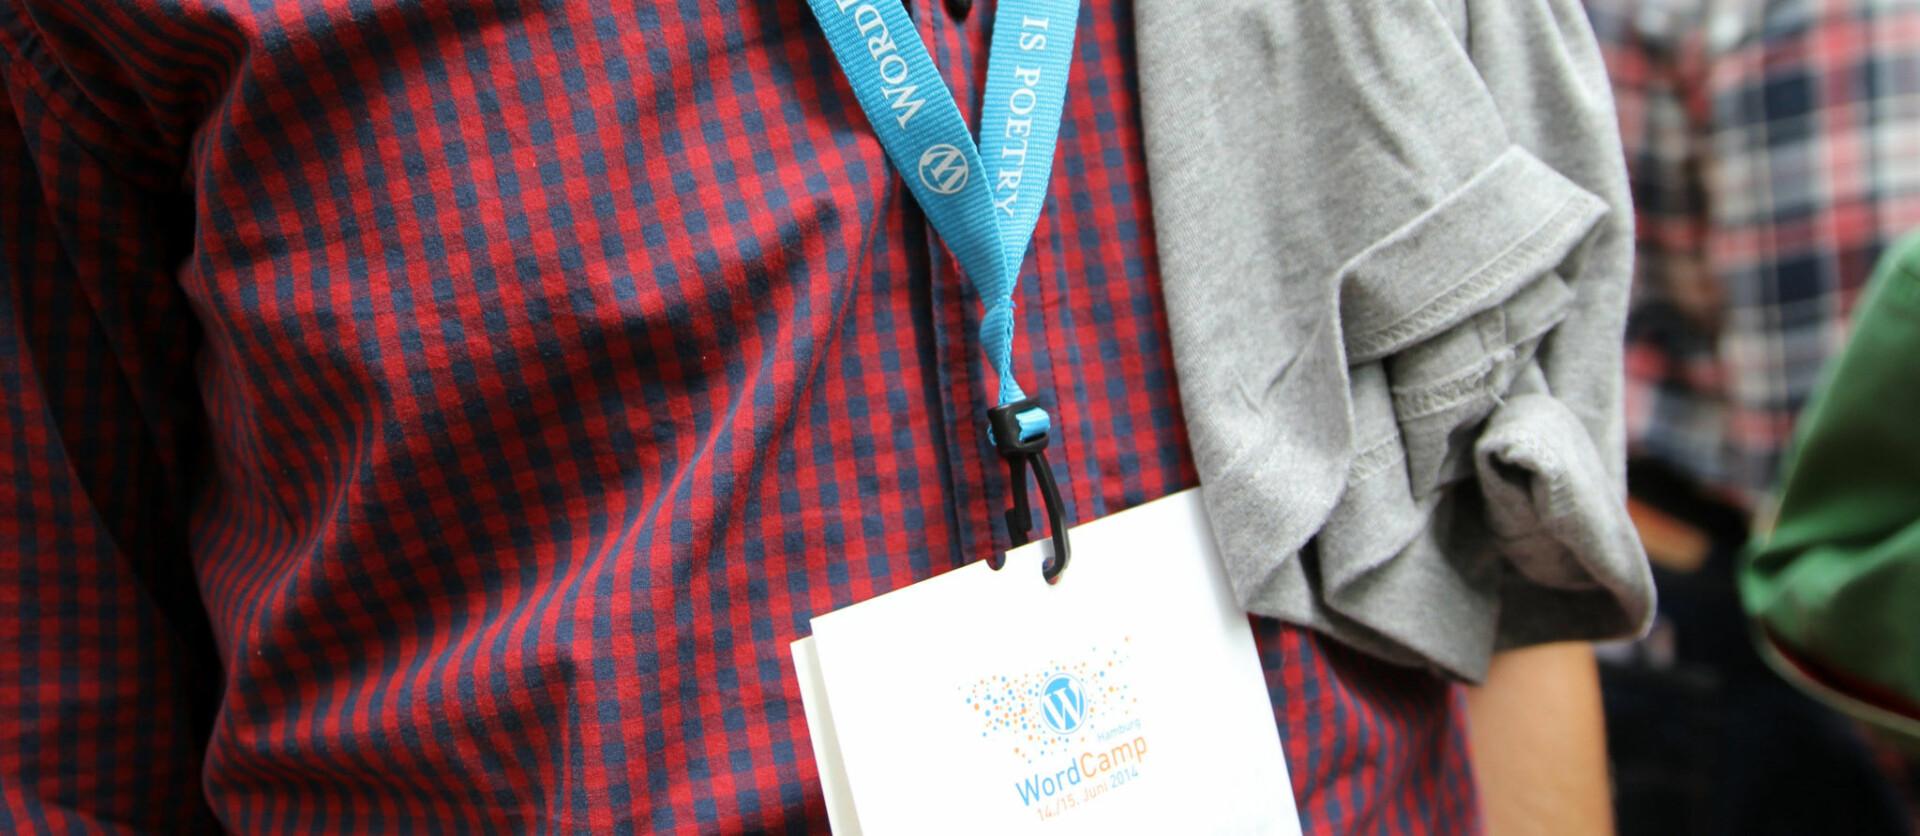 WordCamp 2014